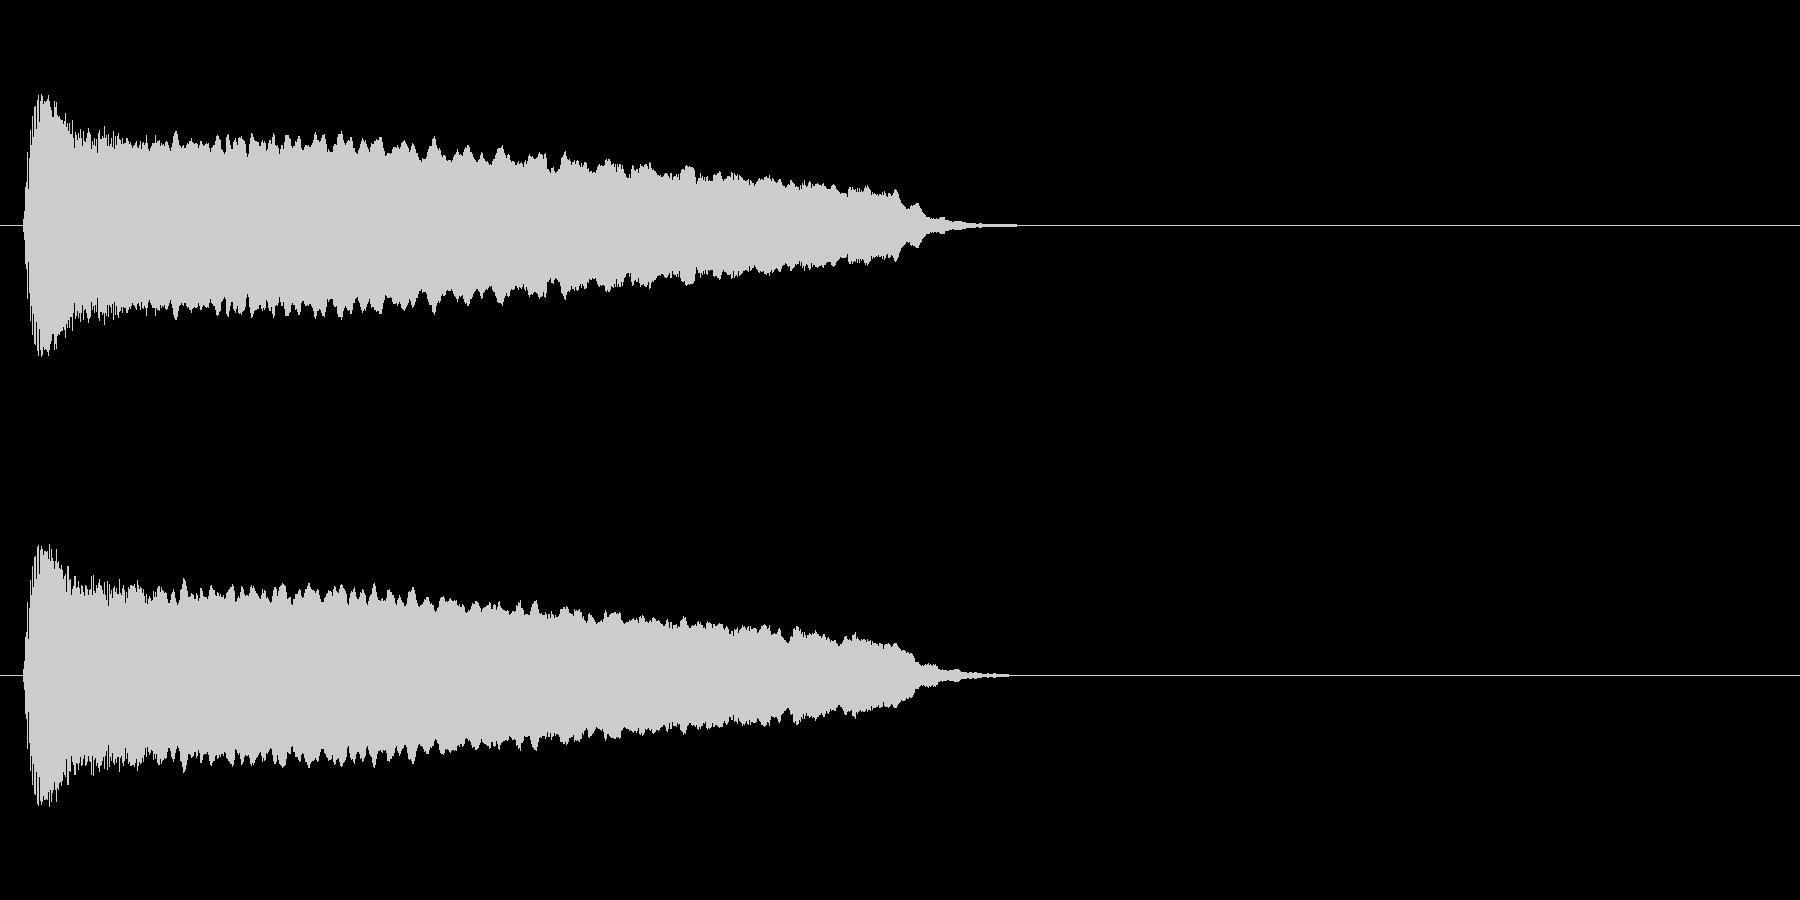 ピューーーン(逃げる音)の未再生の波形